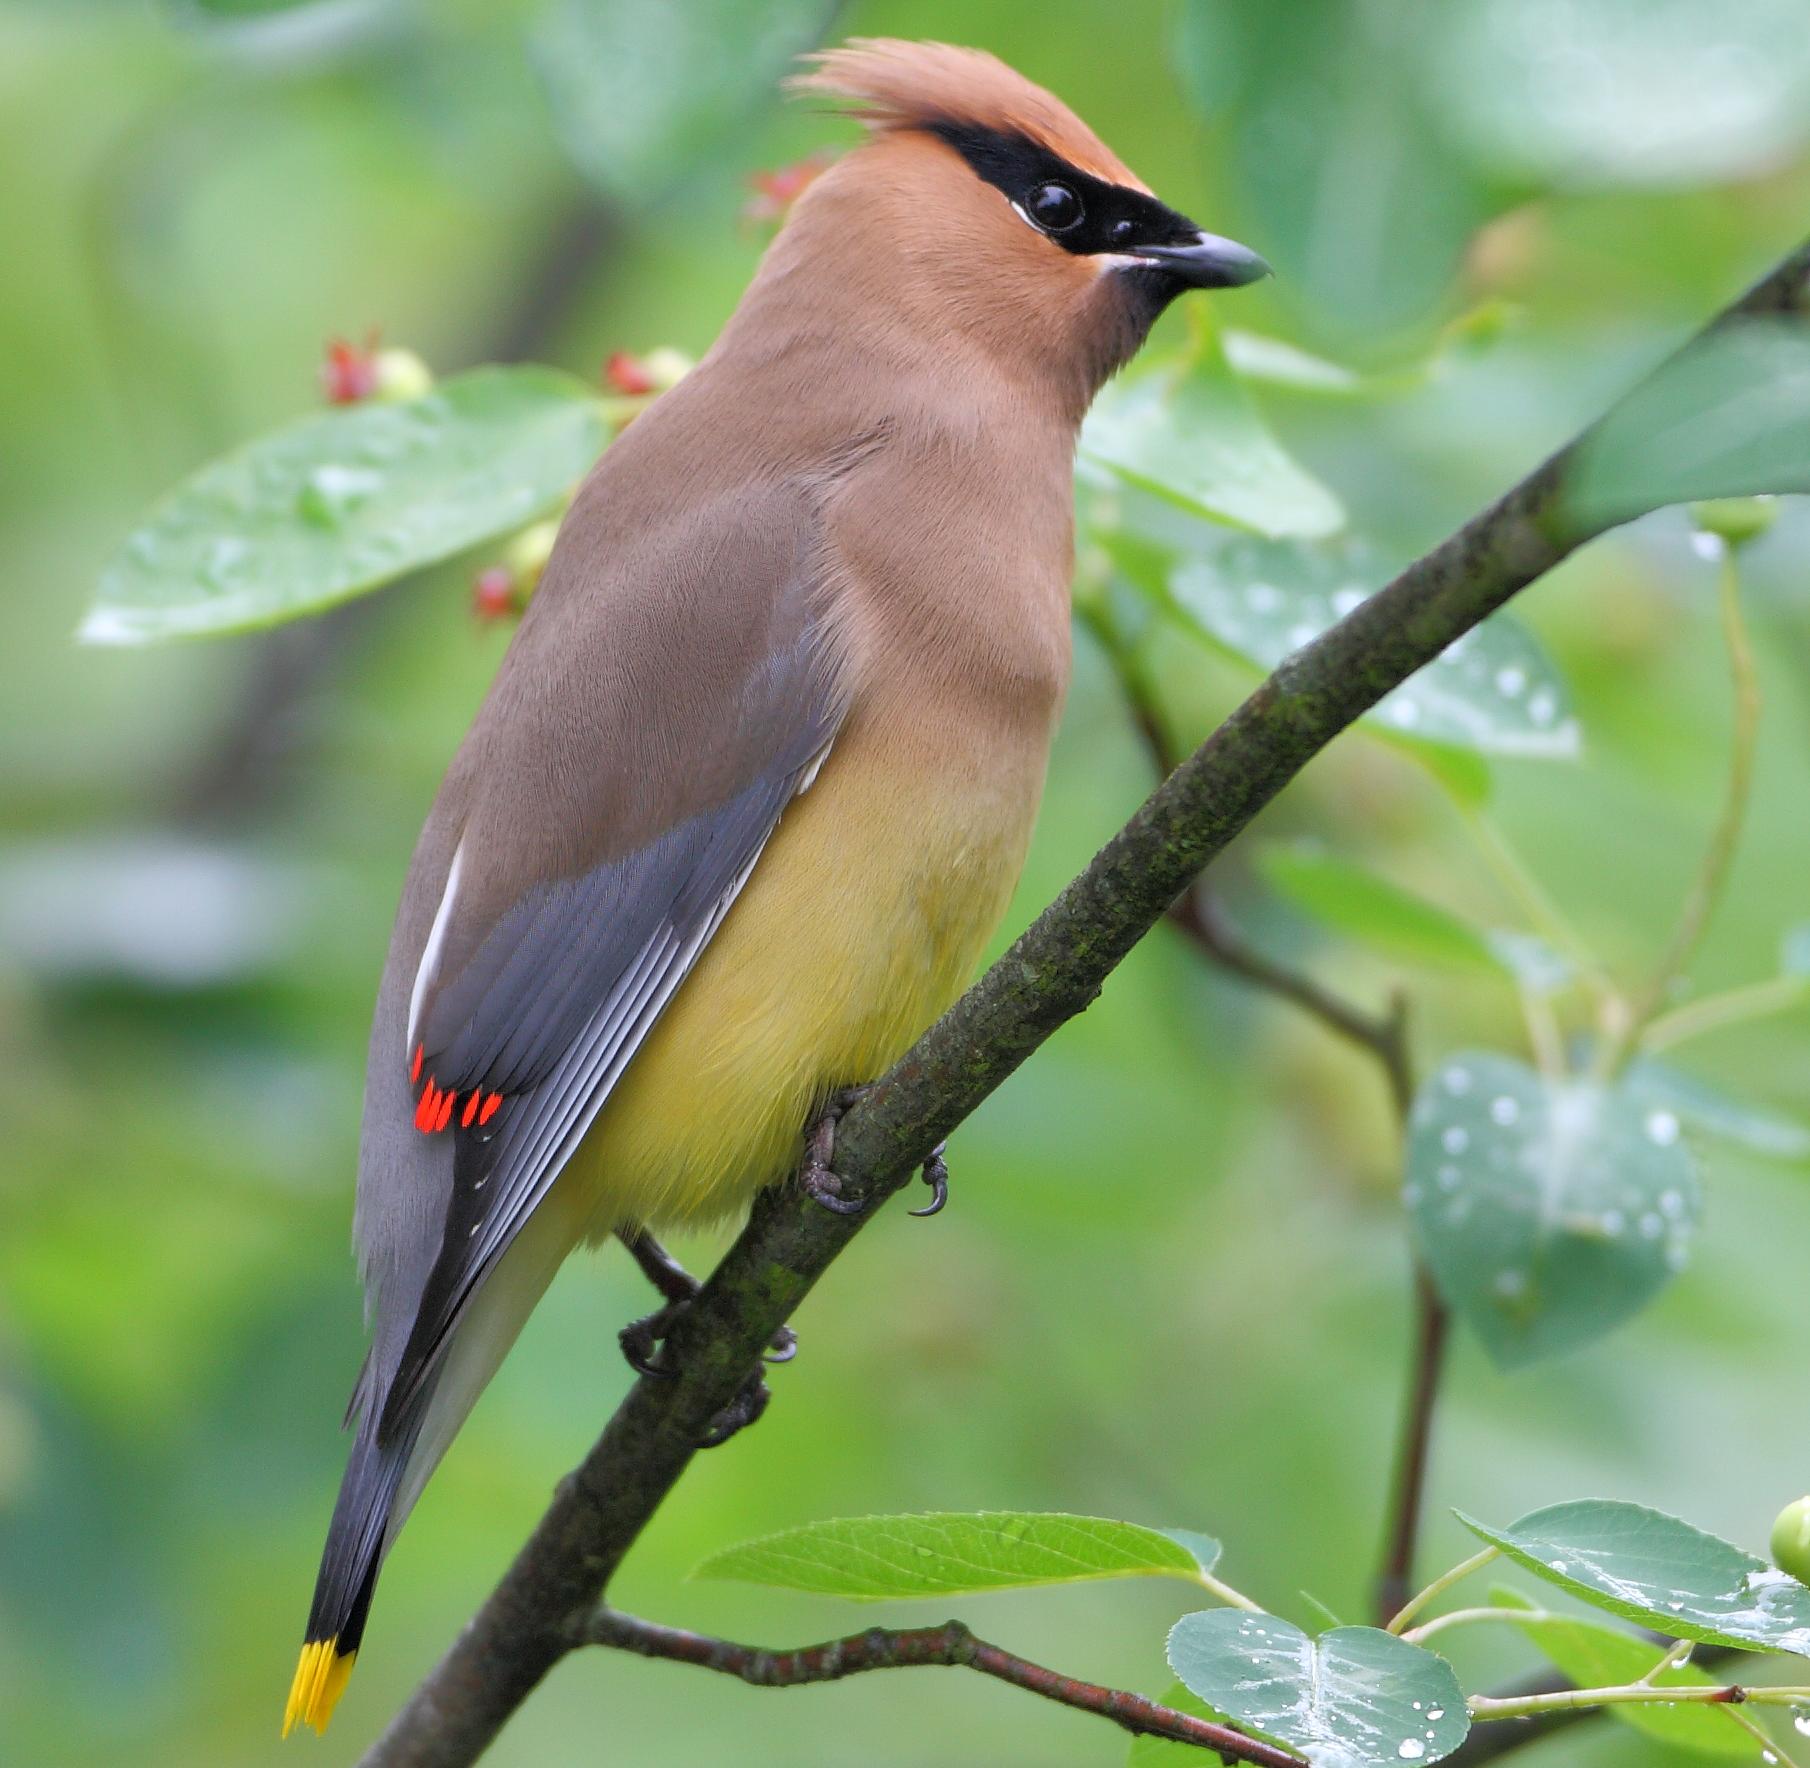 A cedar waxwing bird